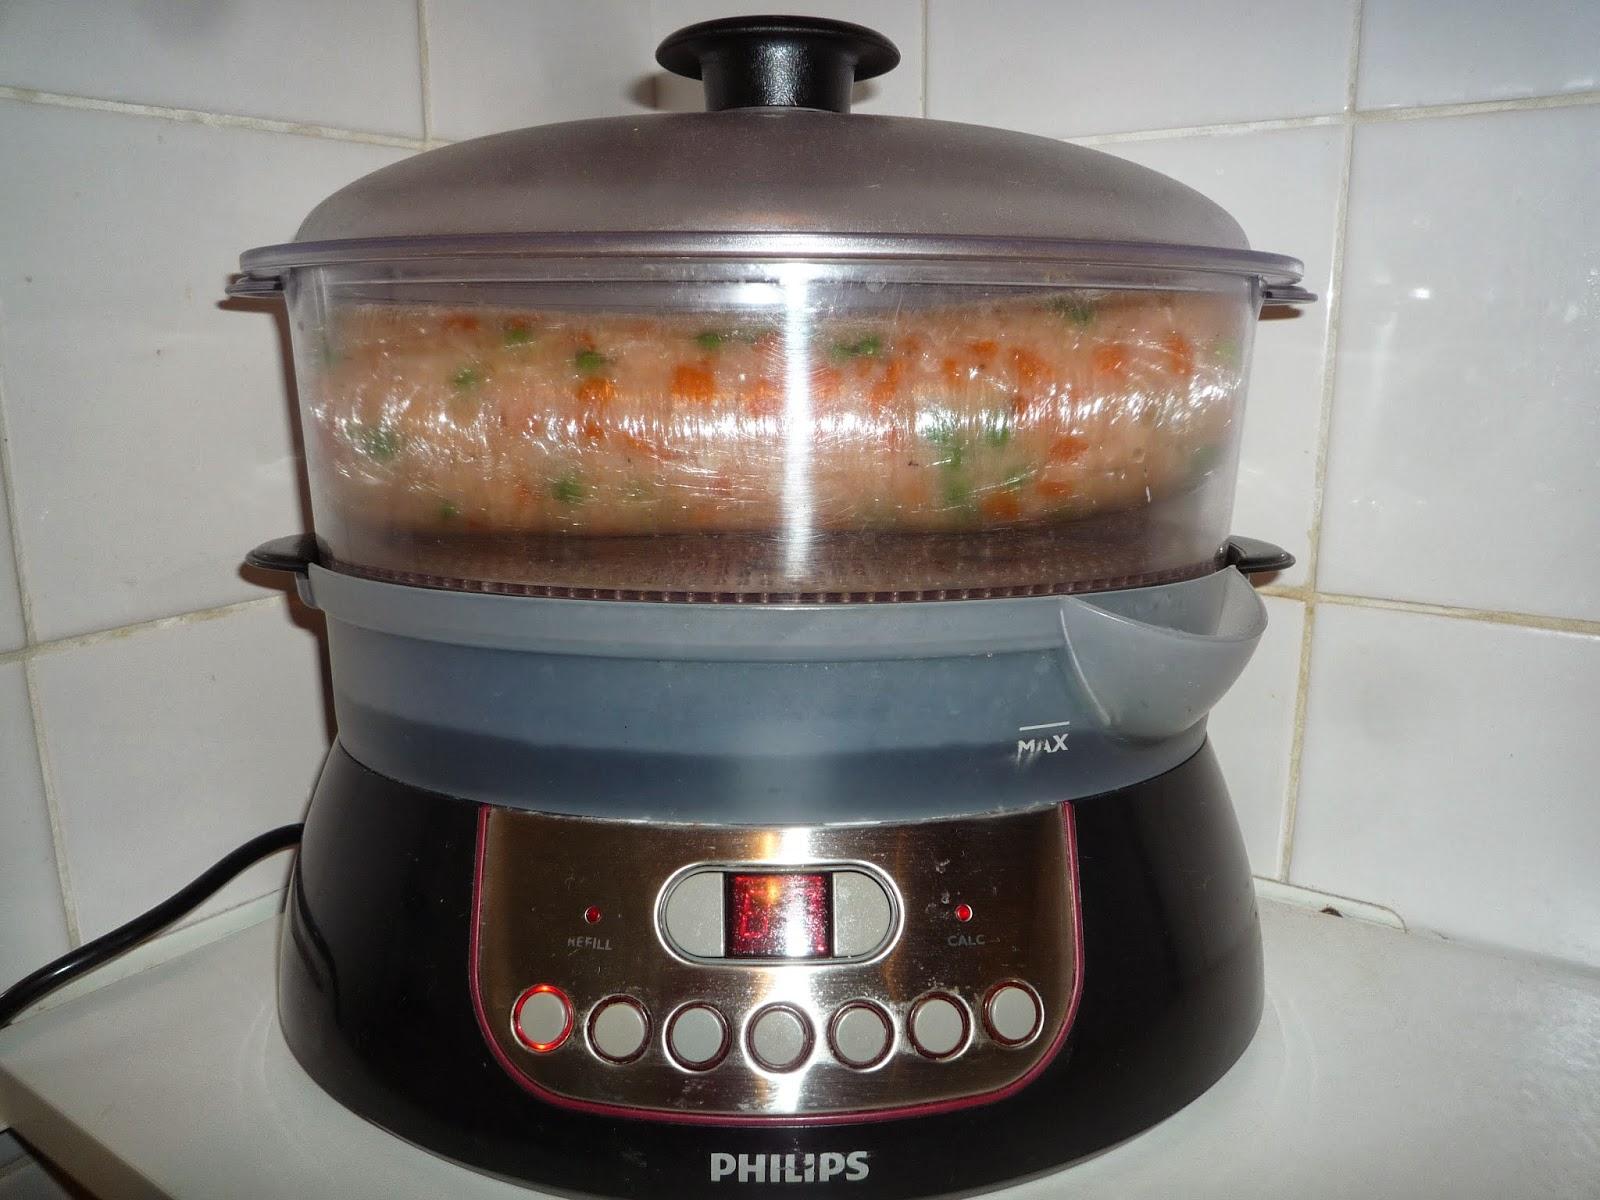 salchichon de pollo en vaporera